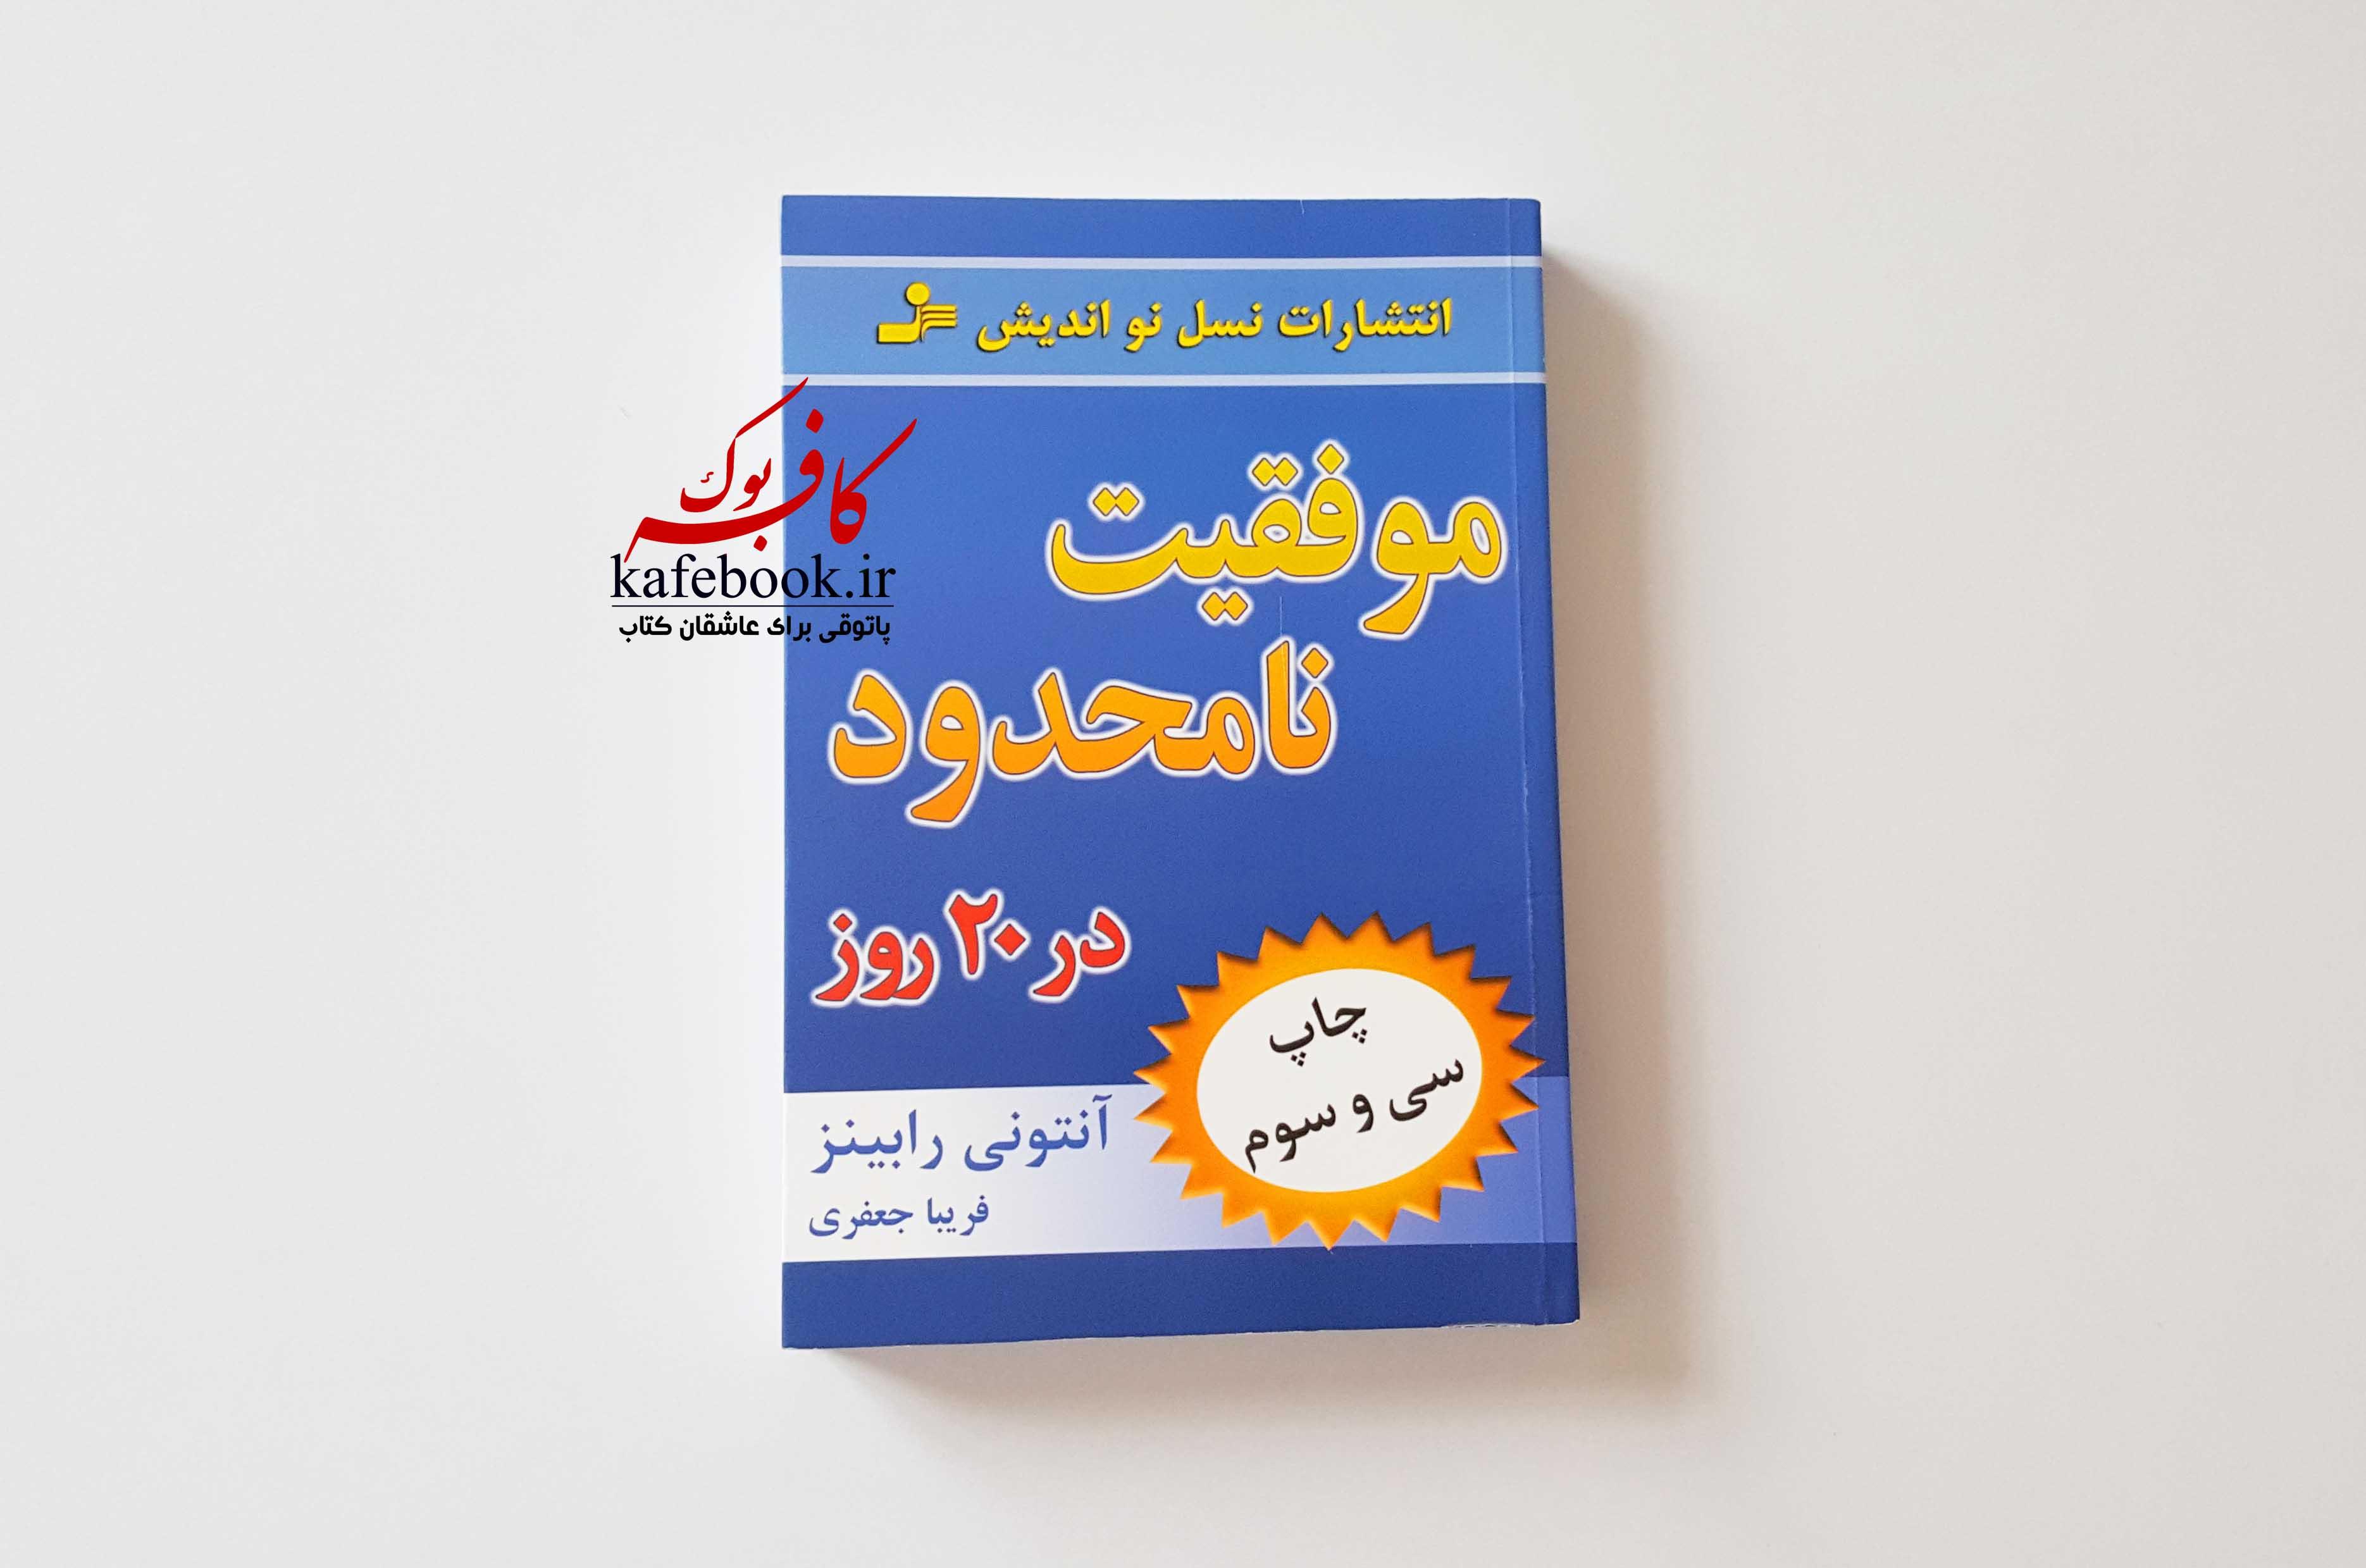 معرفی کتاب موفقیت نامحدود در 20 روز - کتاب موفقیت نامحدود در 20 روز نوشته آنتونی رابینز